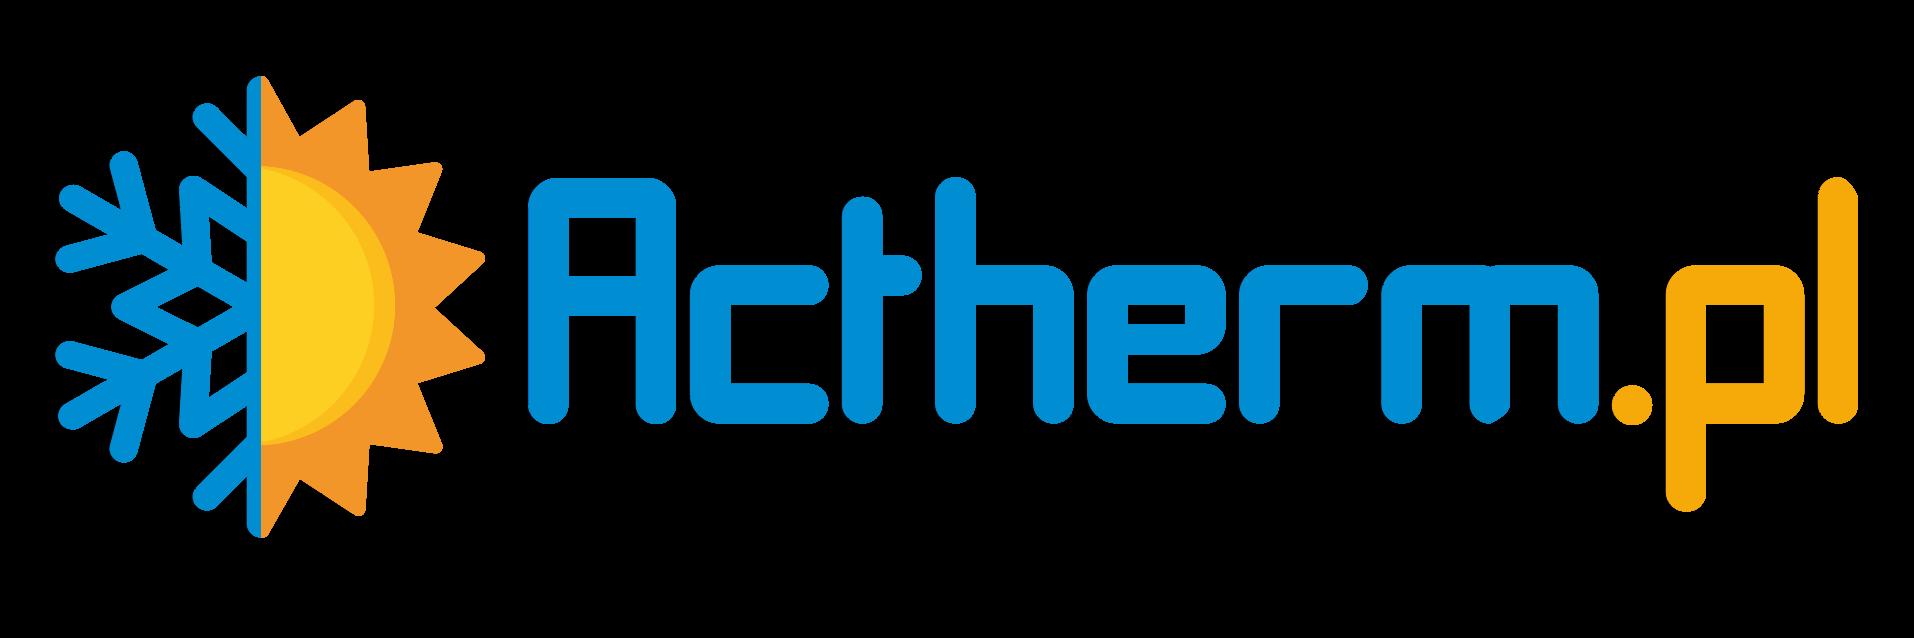 Pełne logo firmy Actherm.pl w kolorze żółtym i niebieskim